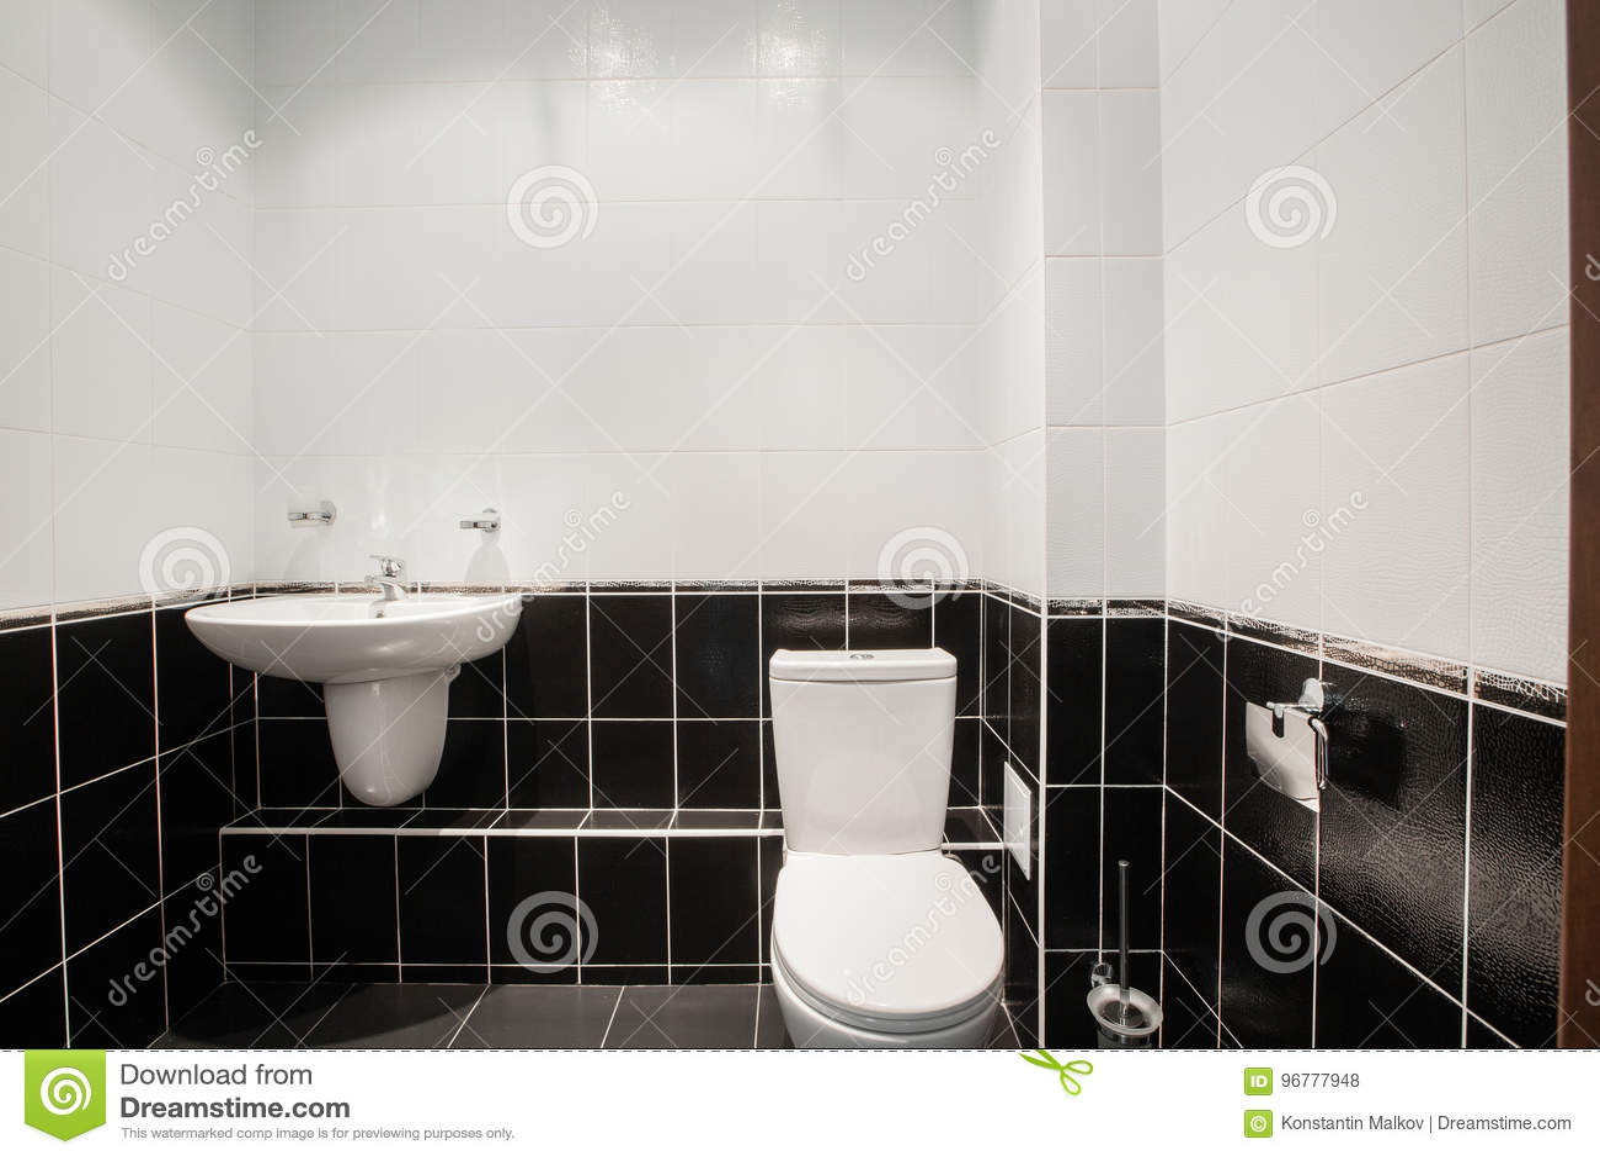 Modernes Luxusbadezimmer Mit Badewanne Und Fenster Wiedergabe 3D Büroräume